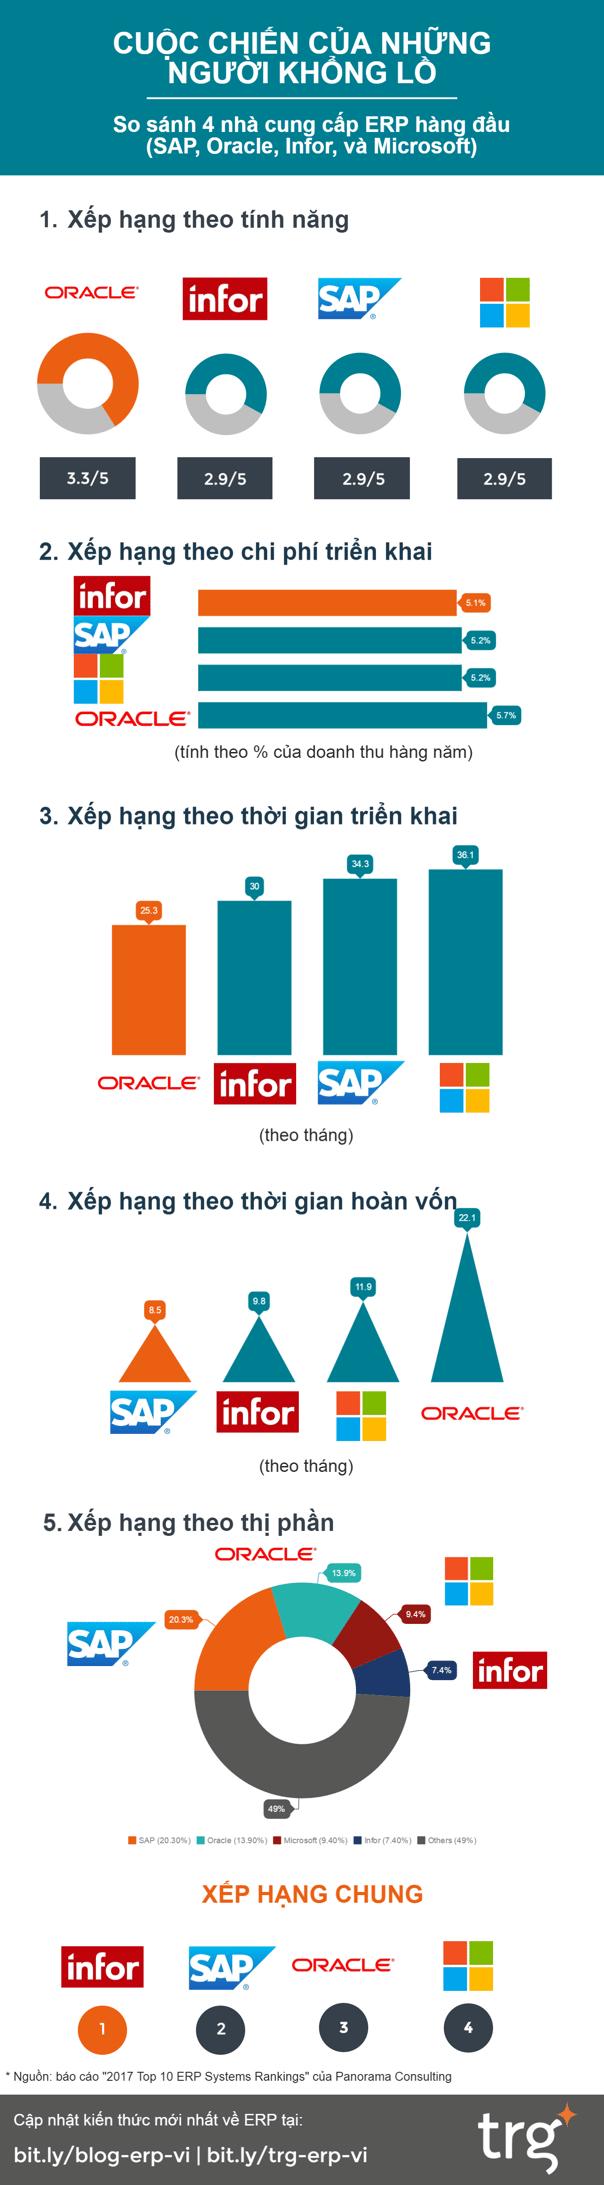 so sánh 4 nhà cung cấp phần mềm ERP: SAP, Oracle, Microsoft, Infor.